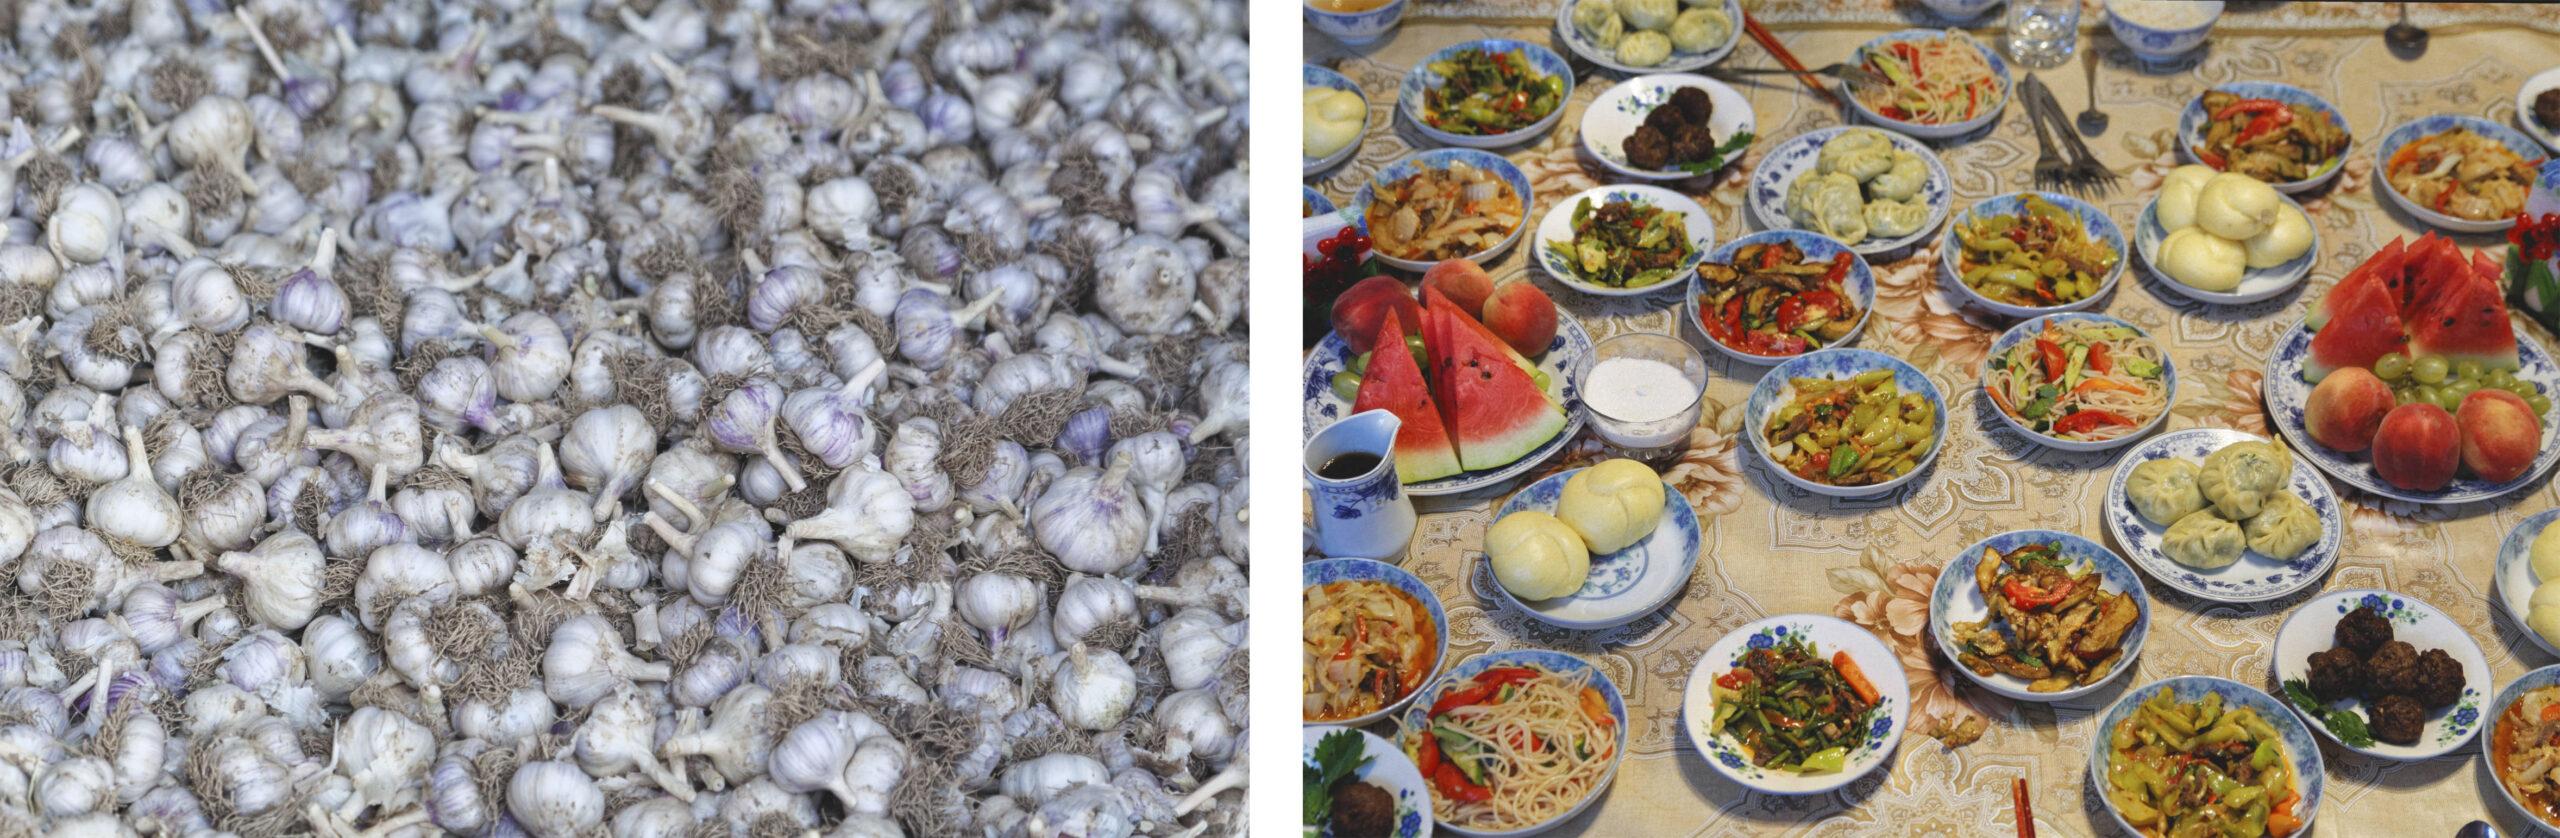 Ail et repas traditionnel doungane